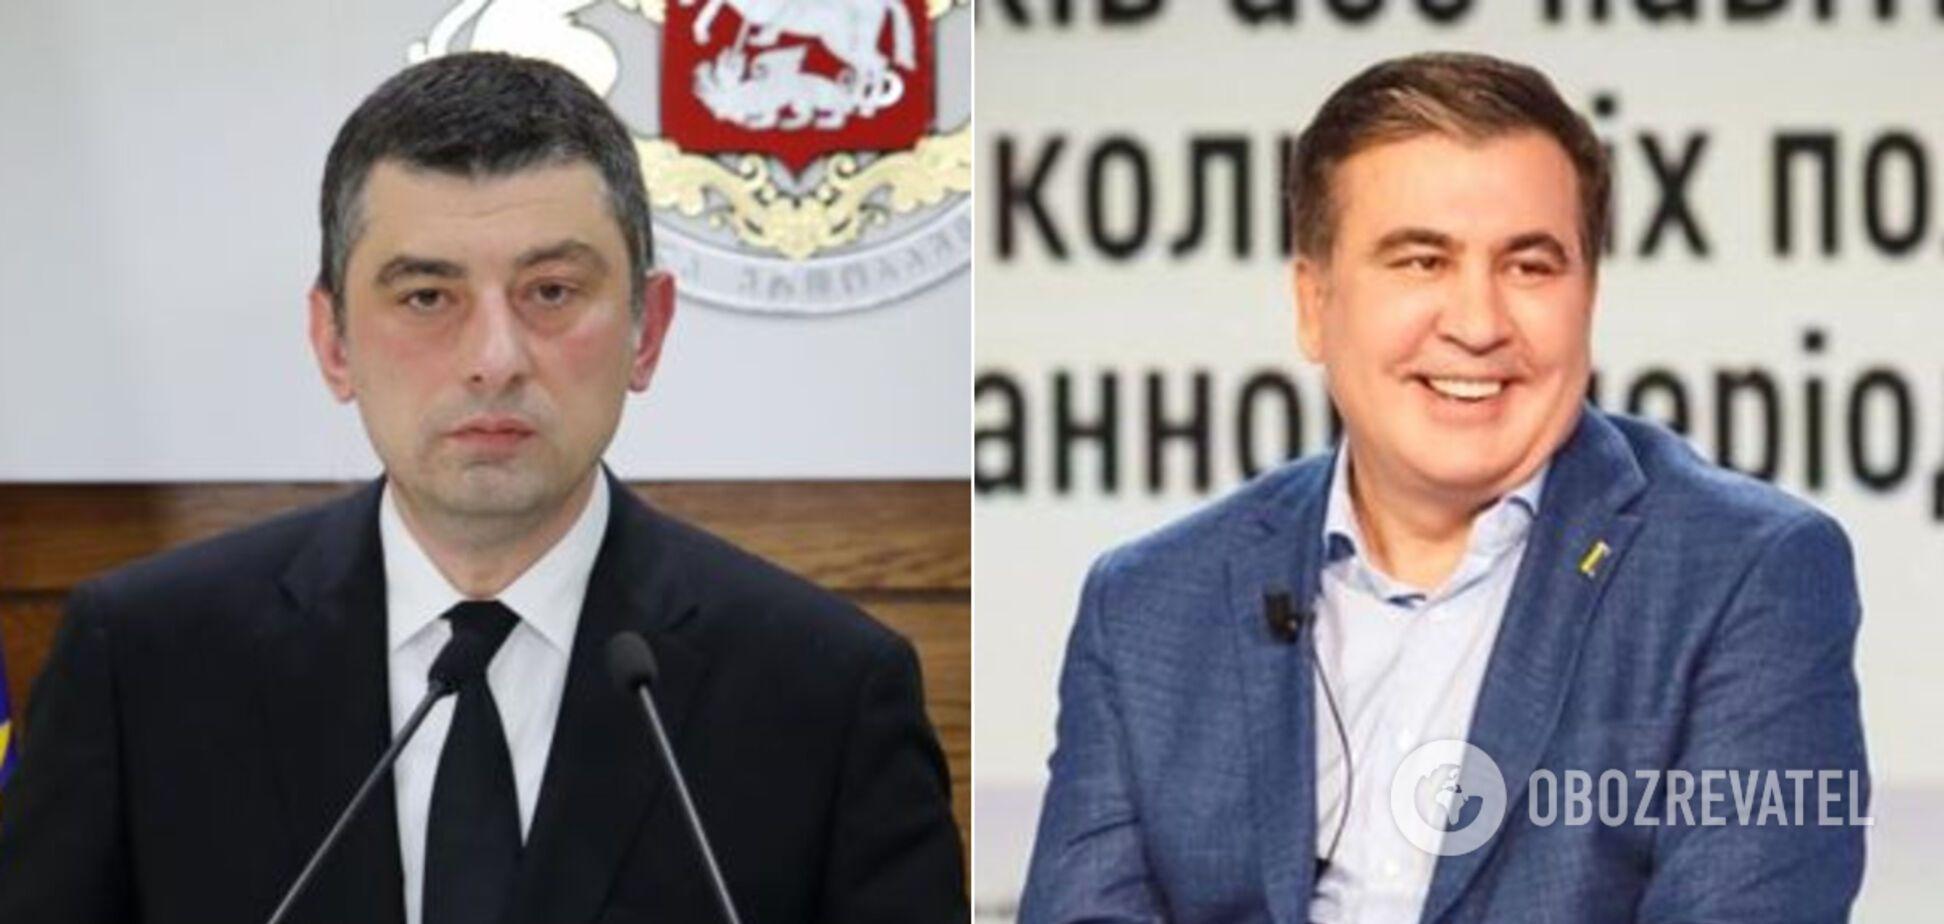 Грузия пригрозила отзывом посла из Украины из-за Саакашвили: Киев отреагировал